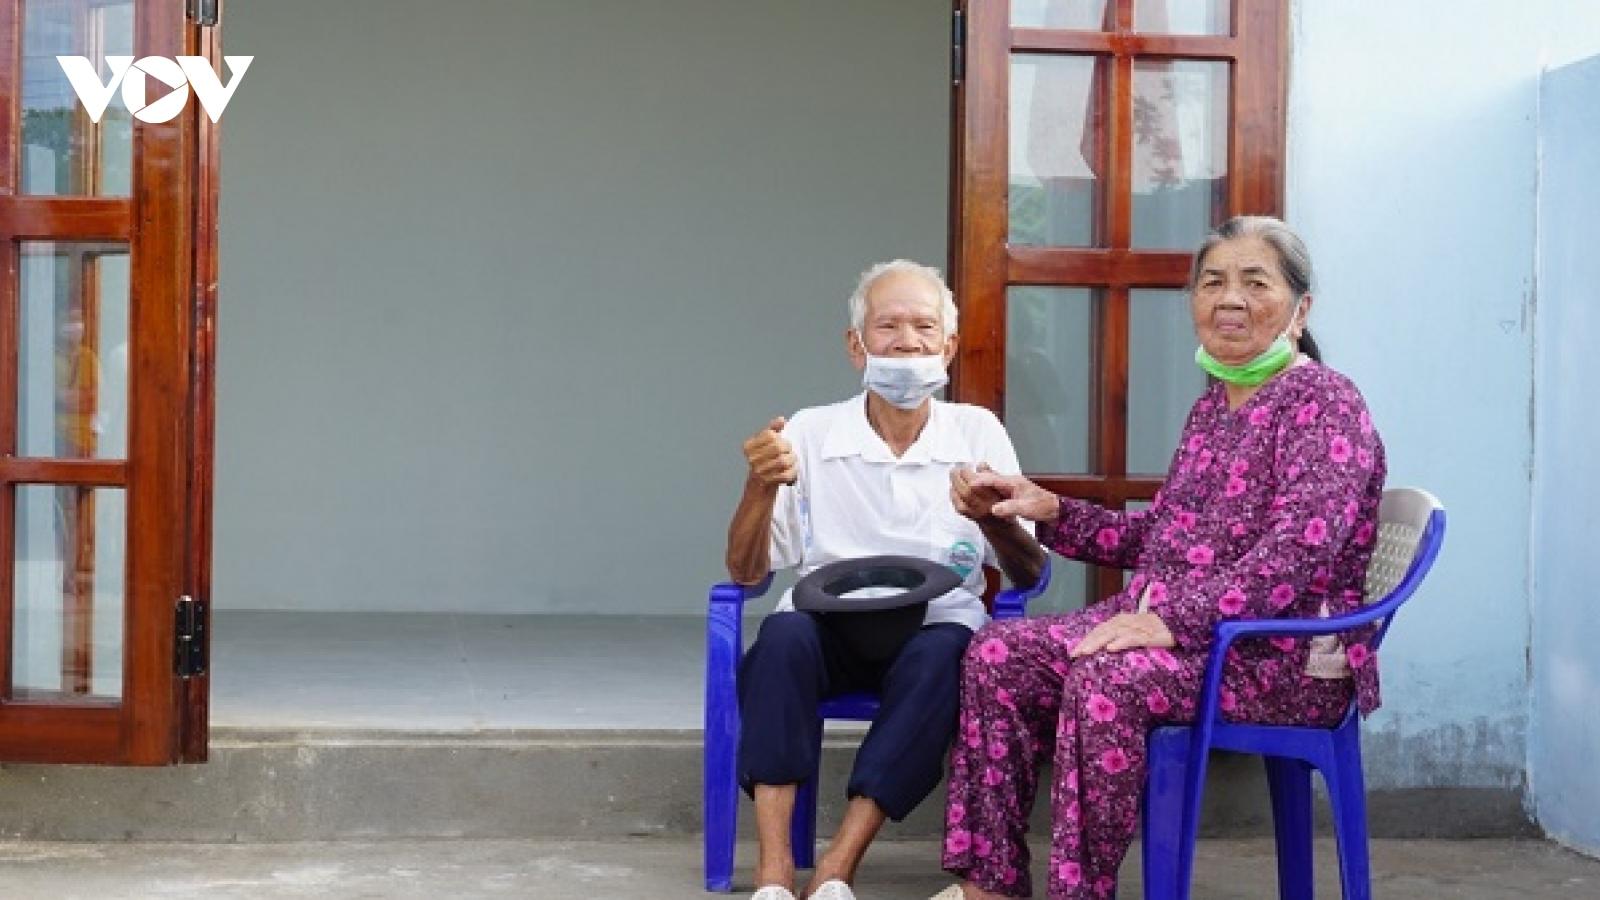 Ngôi nhà mơ ước của dân nghèo Thượng Thành-Huế thành hiện thực